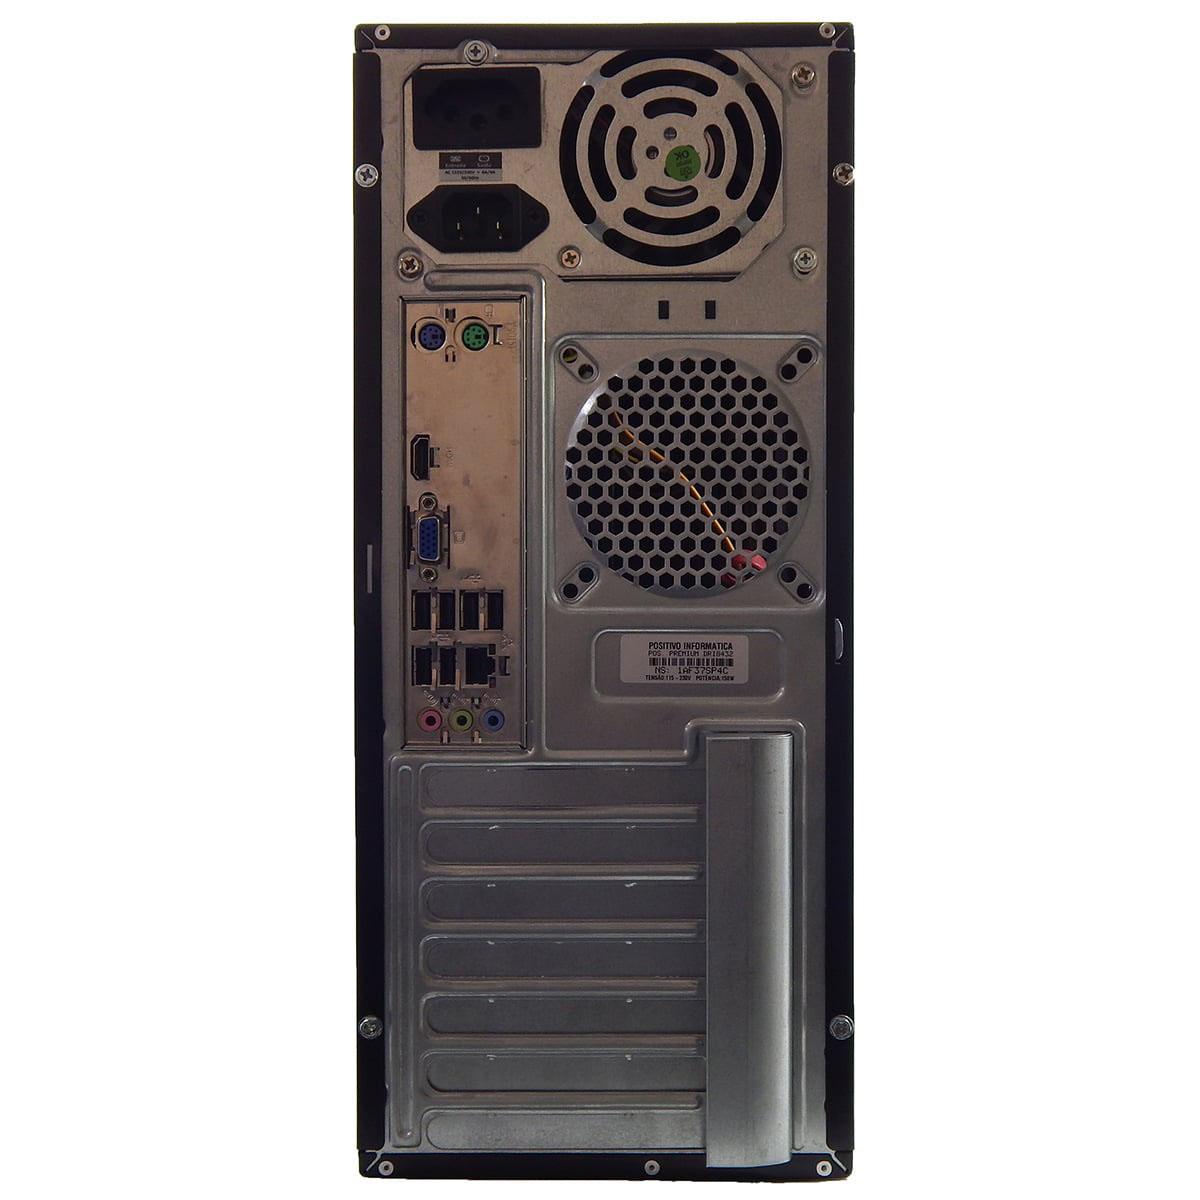 Desktop Positivo Premium DR9432  Core I3-3220 - 4Gb -1Tb HD - Reembalado